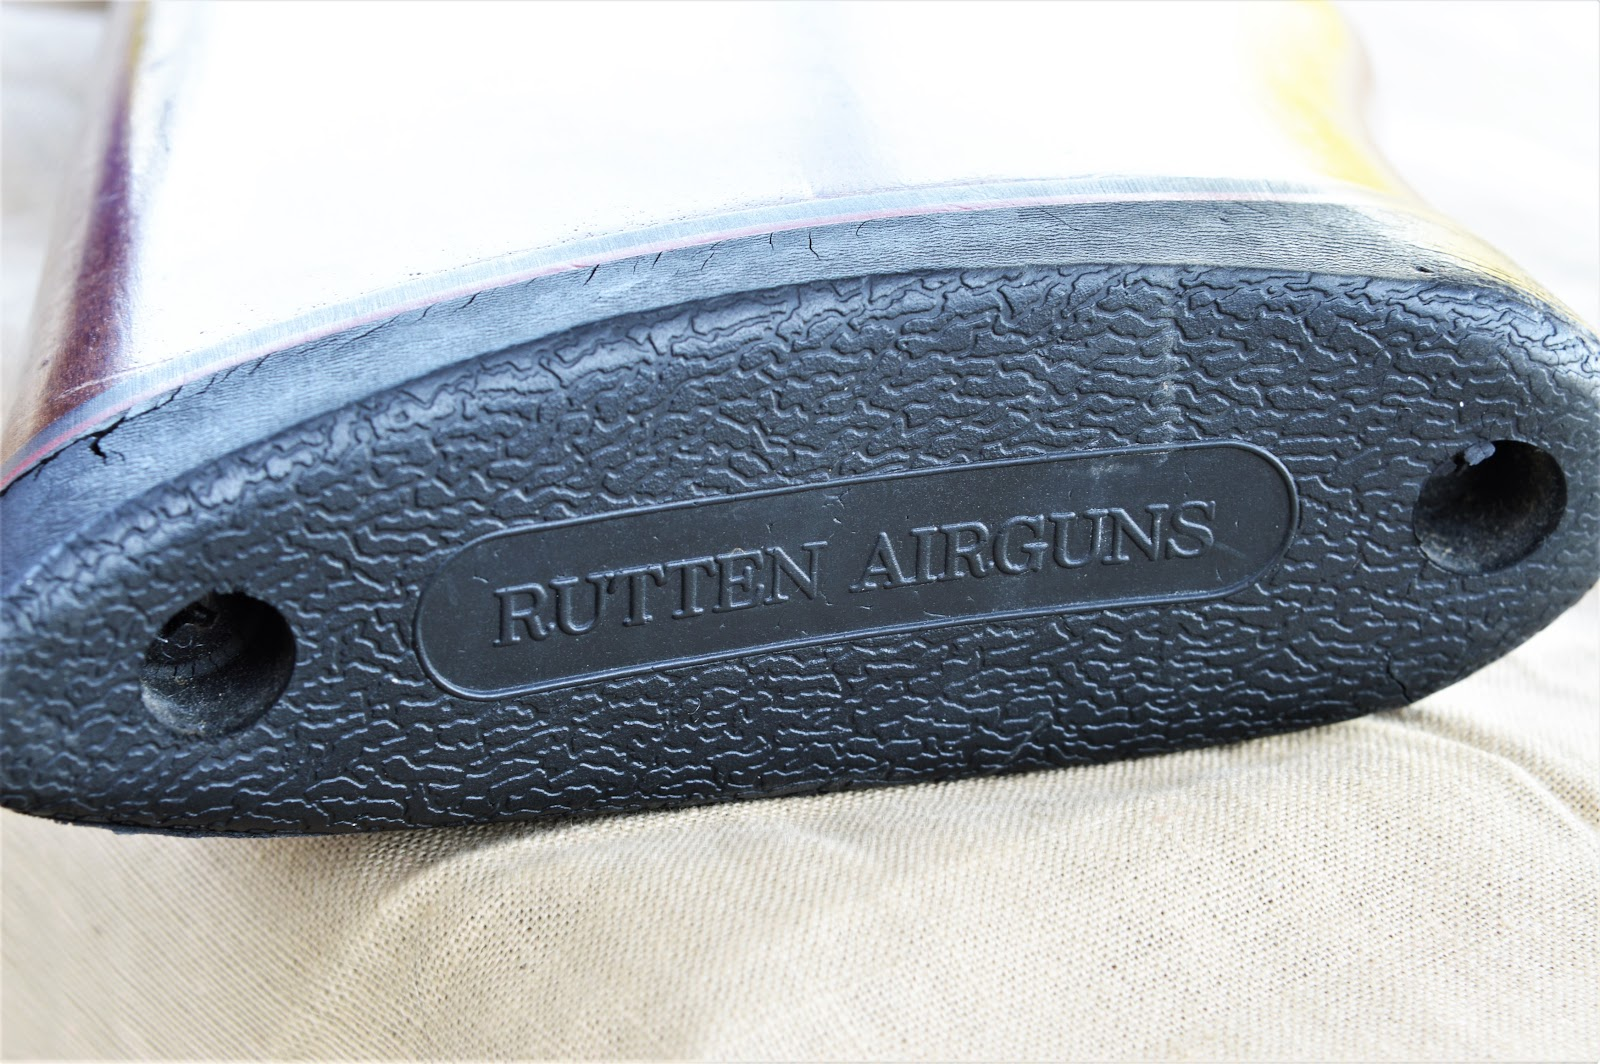 Rubber butt plate